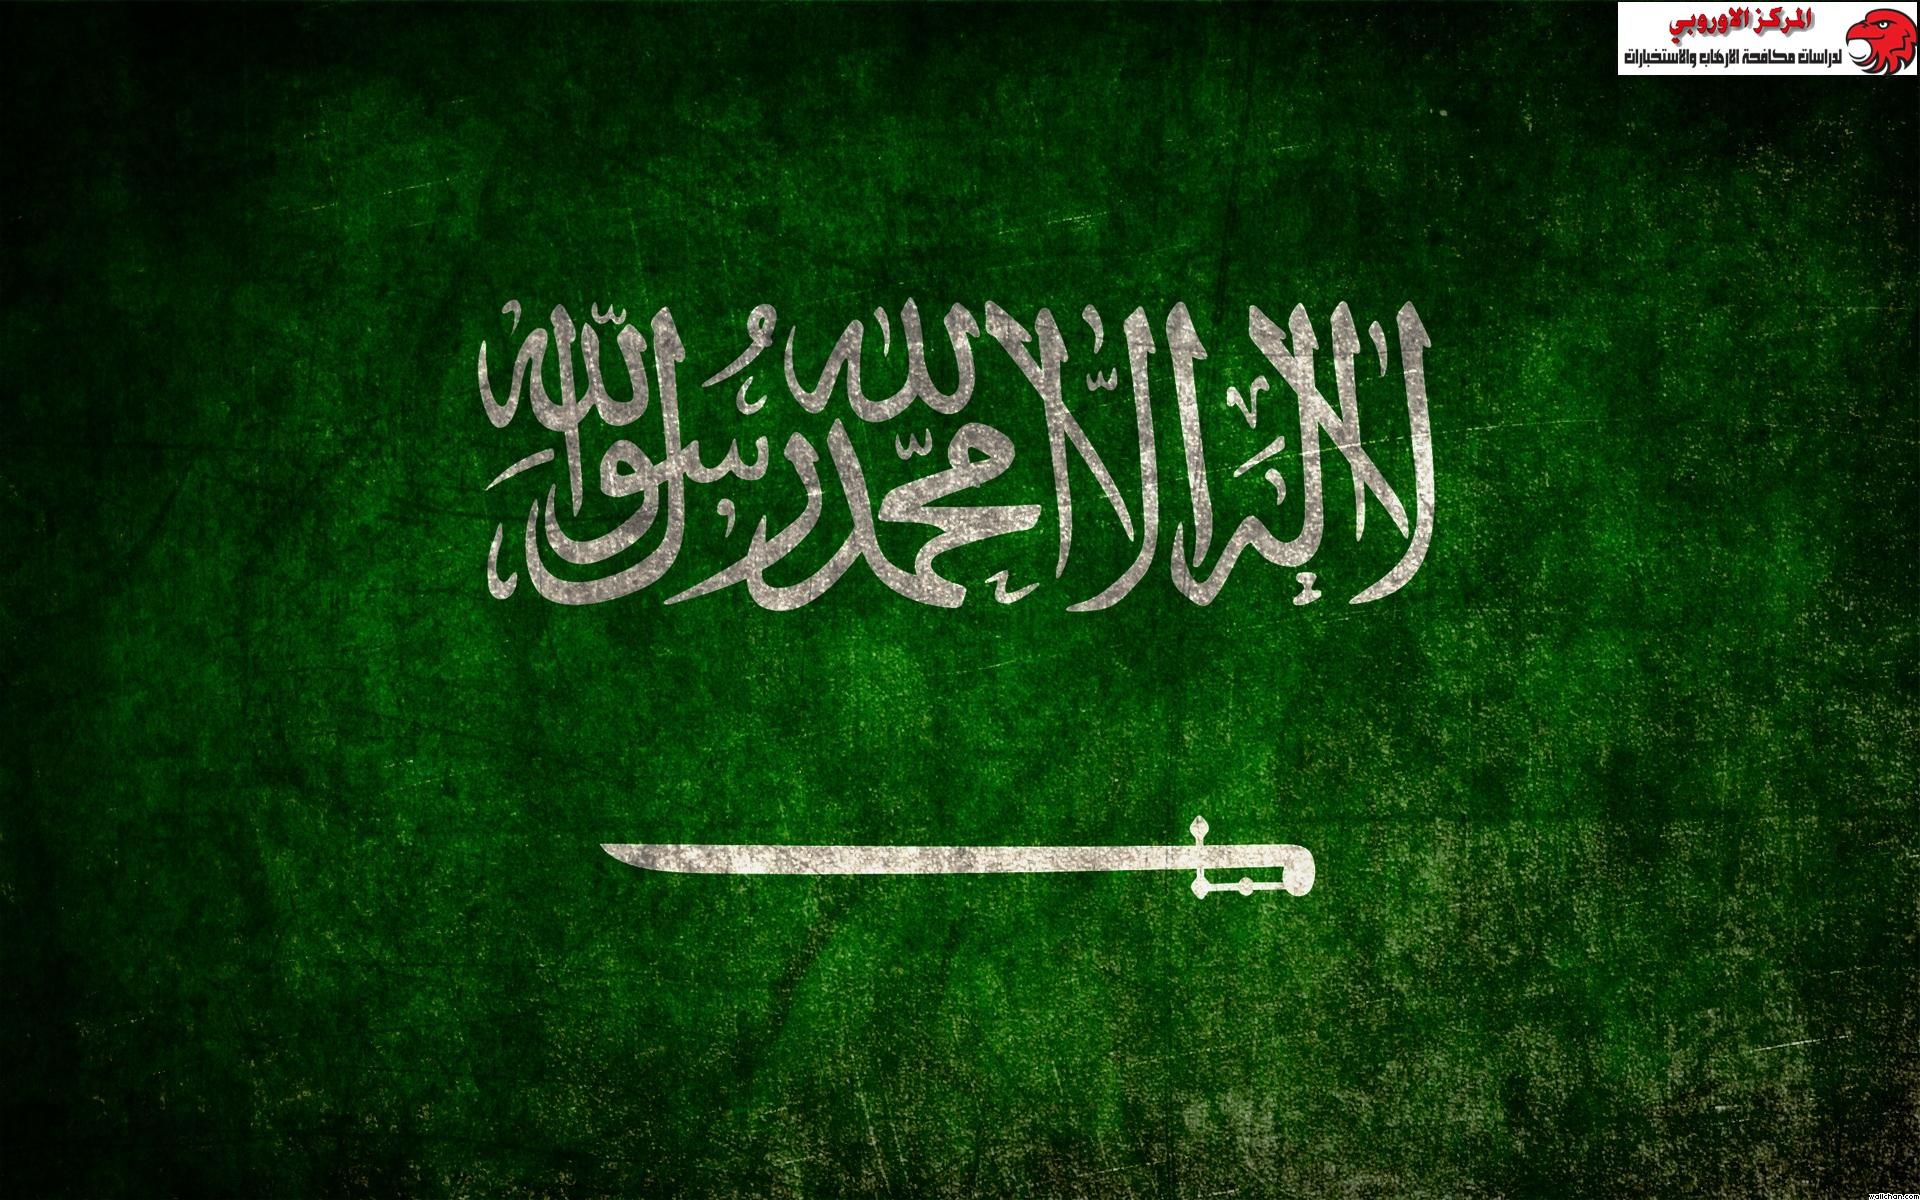 المملكة العربية السعودية .. خطوات جادة في مكافحة الإرهاب والتطرف إقليميا ودوليا